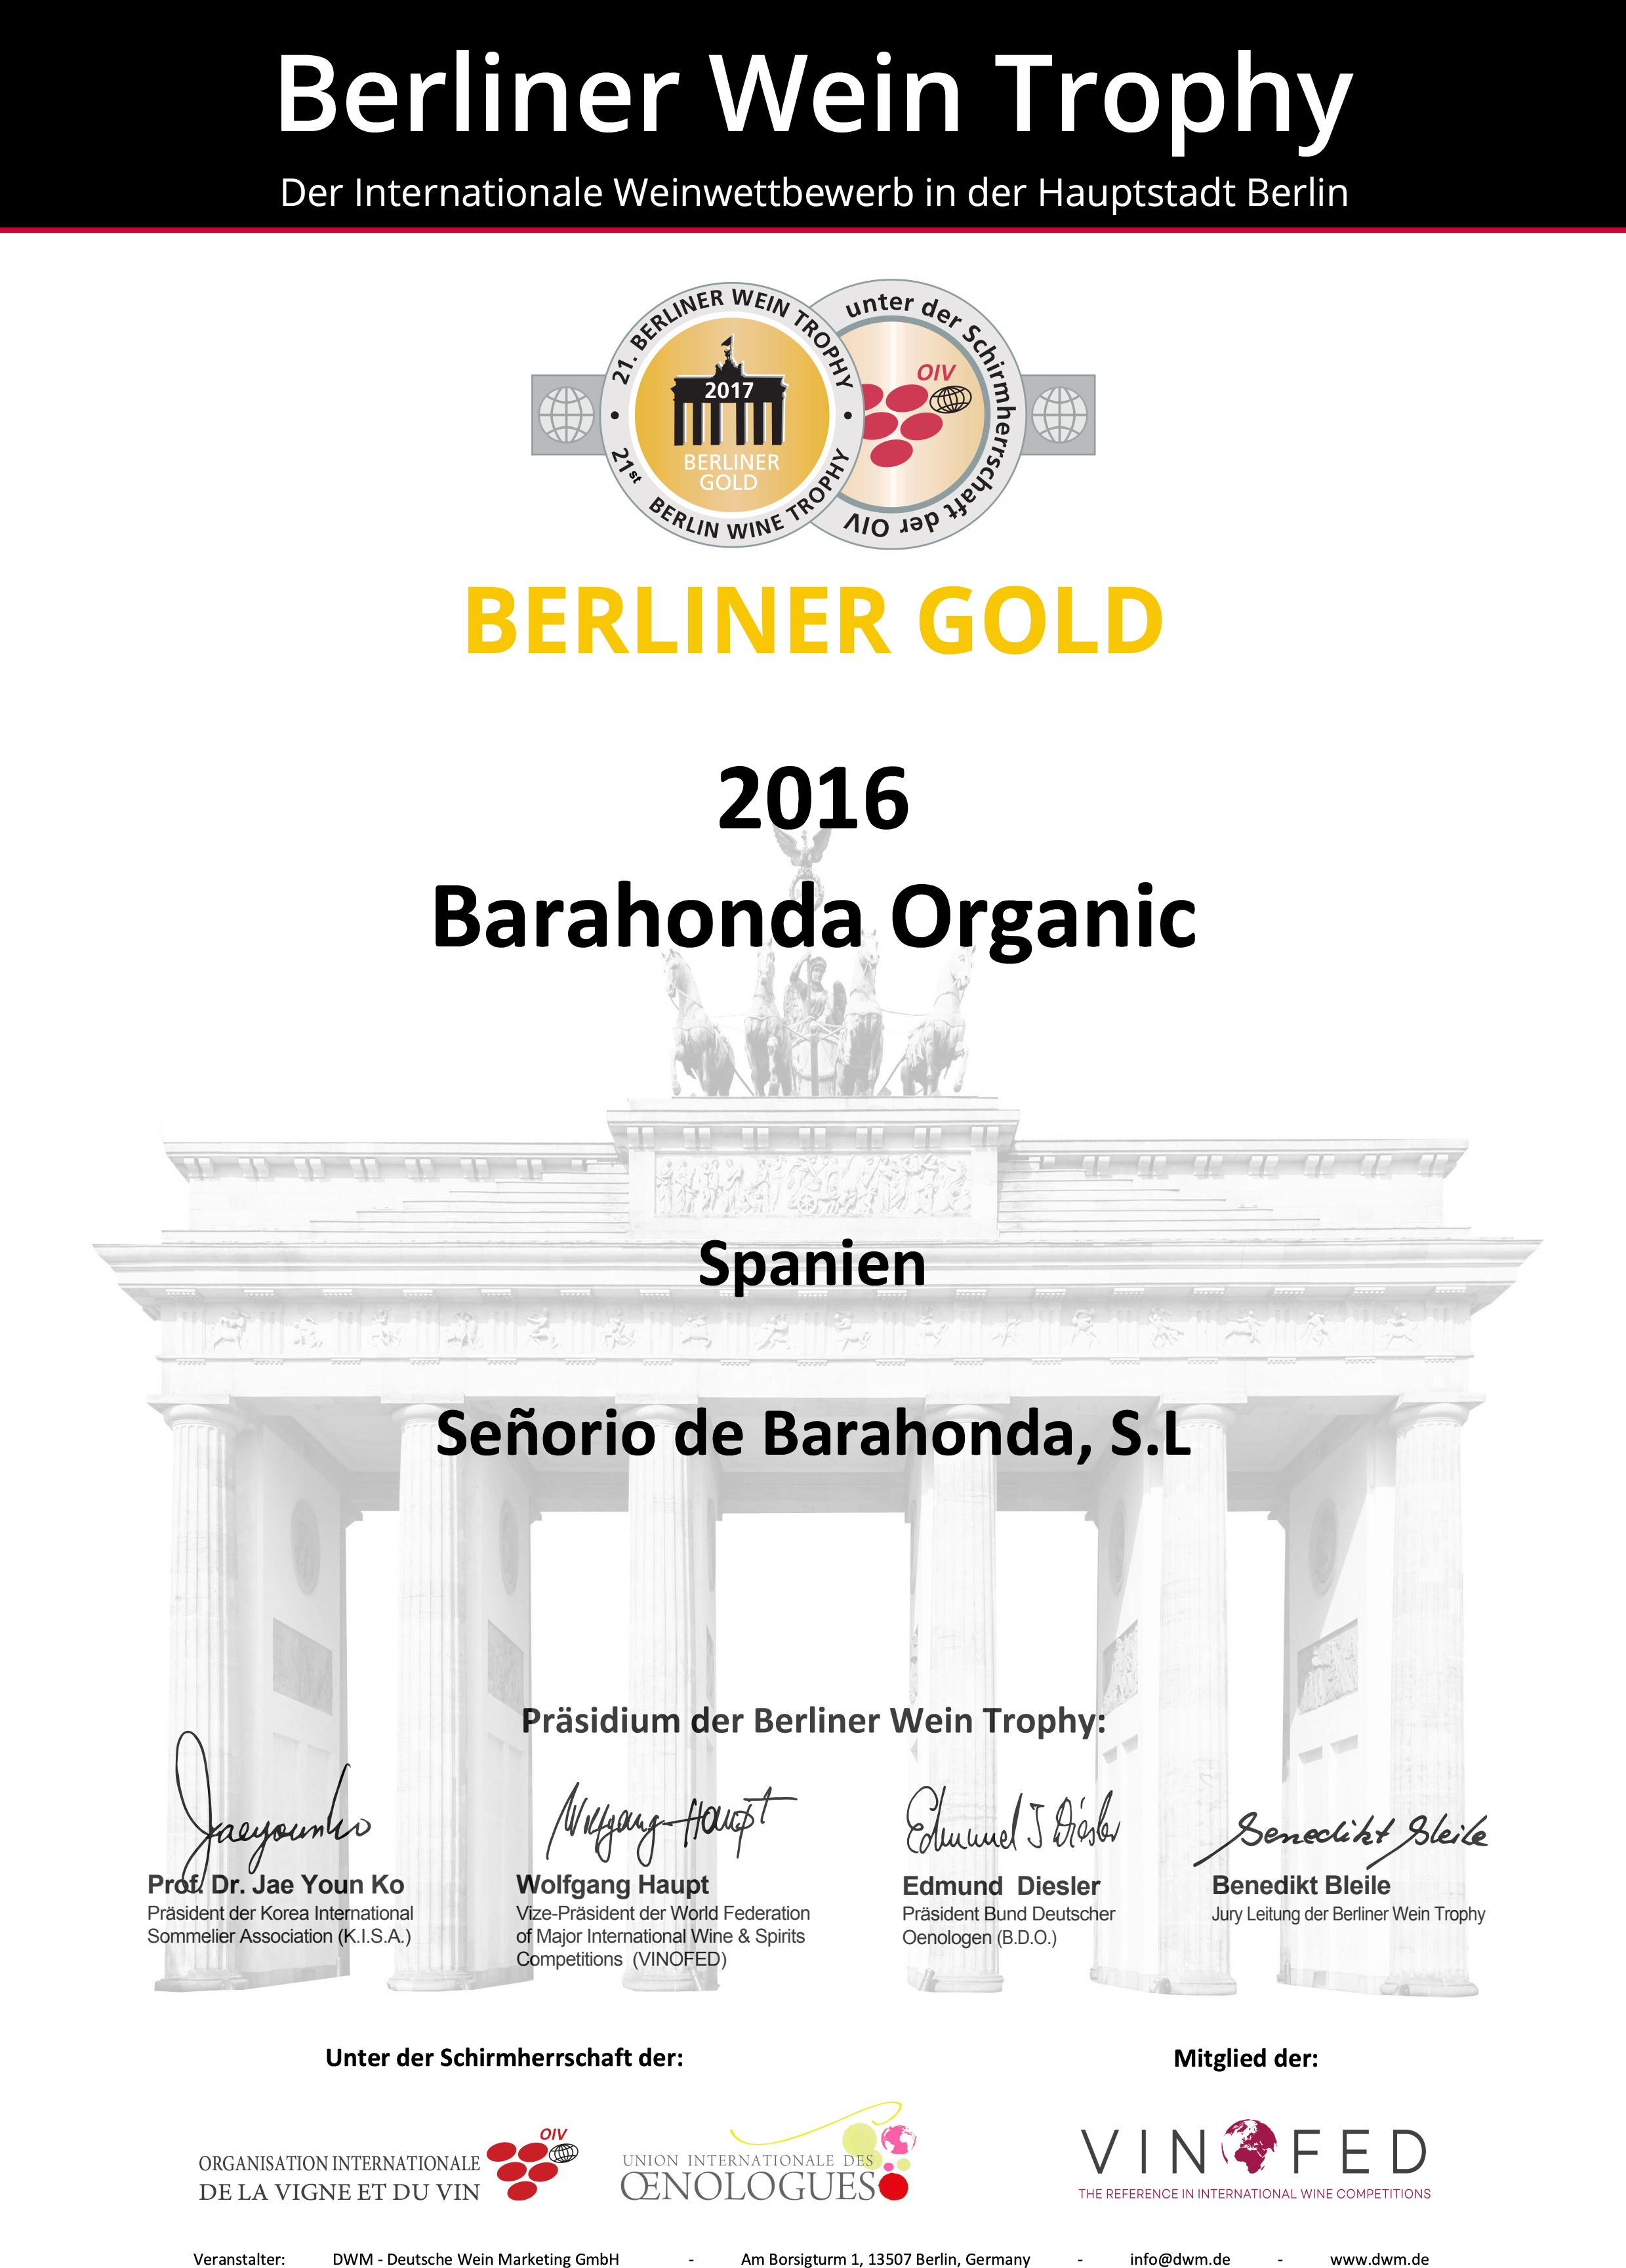 Berliner Wein GOLD Trophy 2017